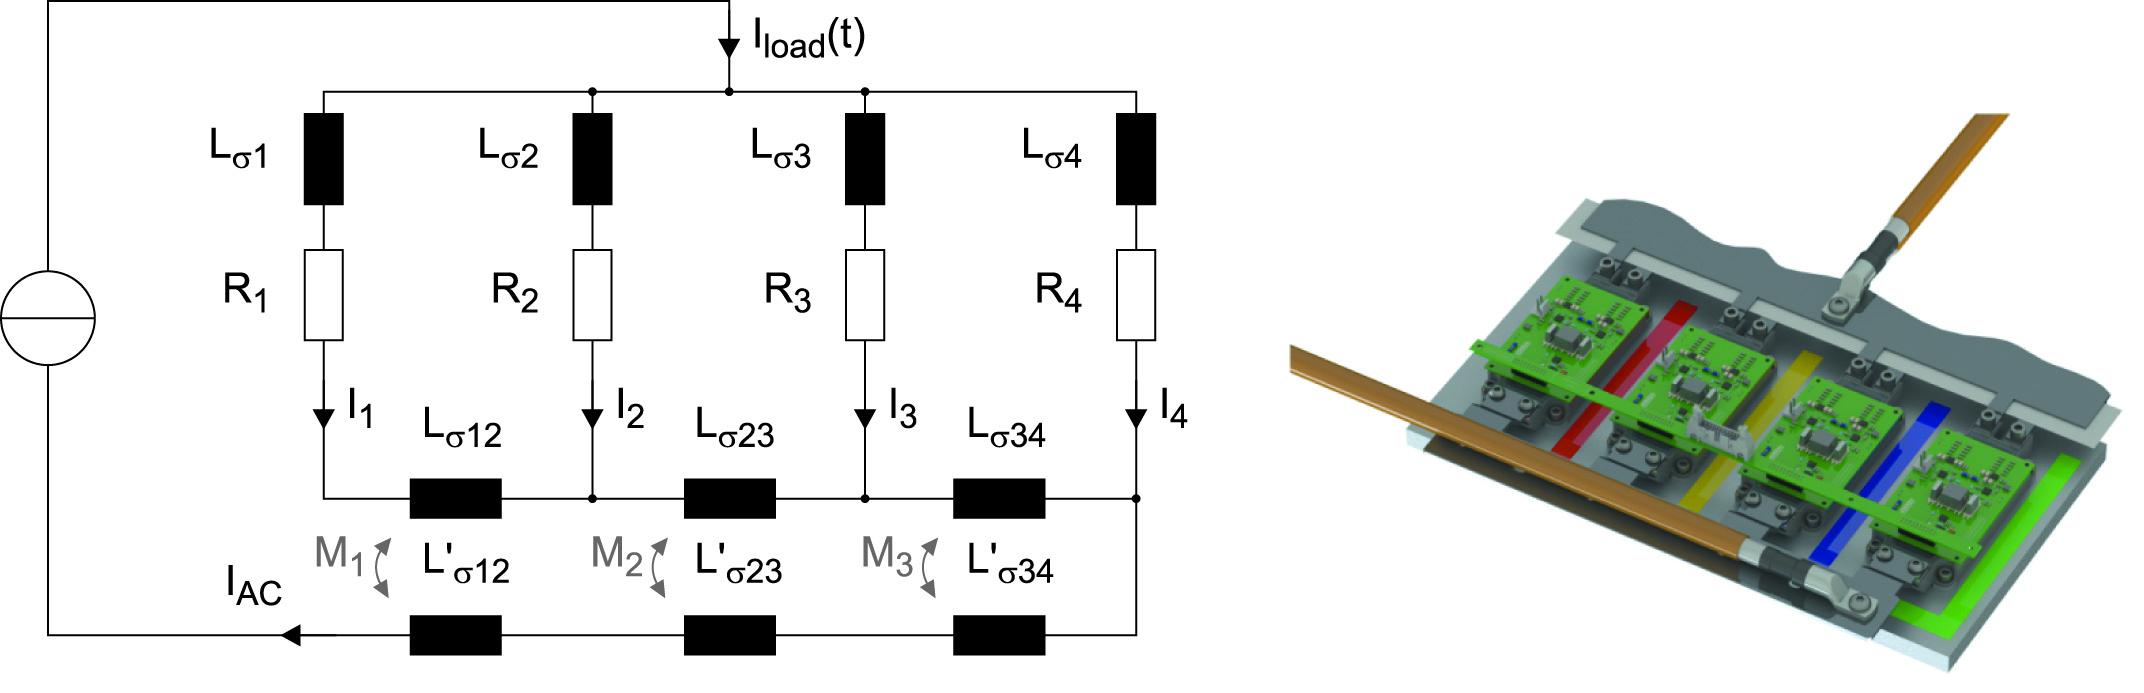 Эквивалентная схема четырех параллельных токовых путей с учетом индуктивных связей